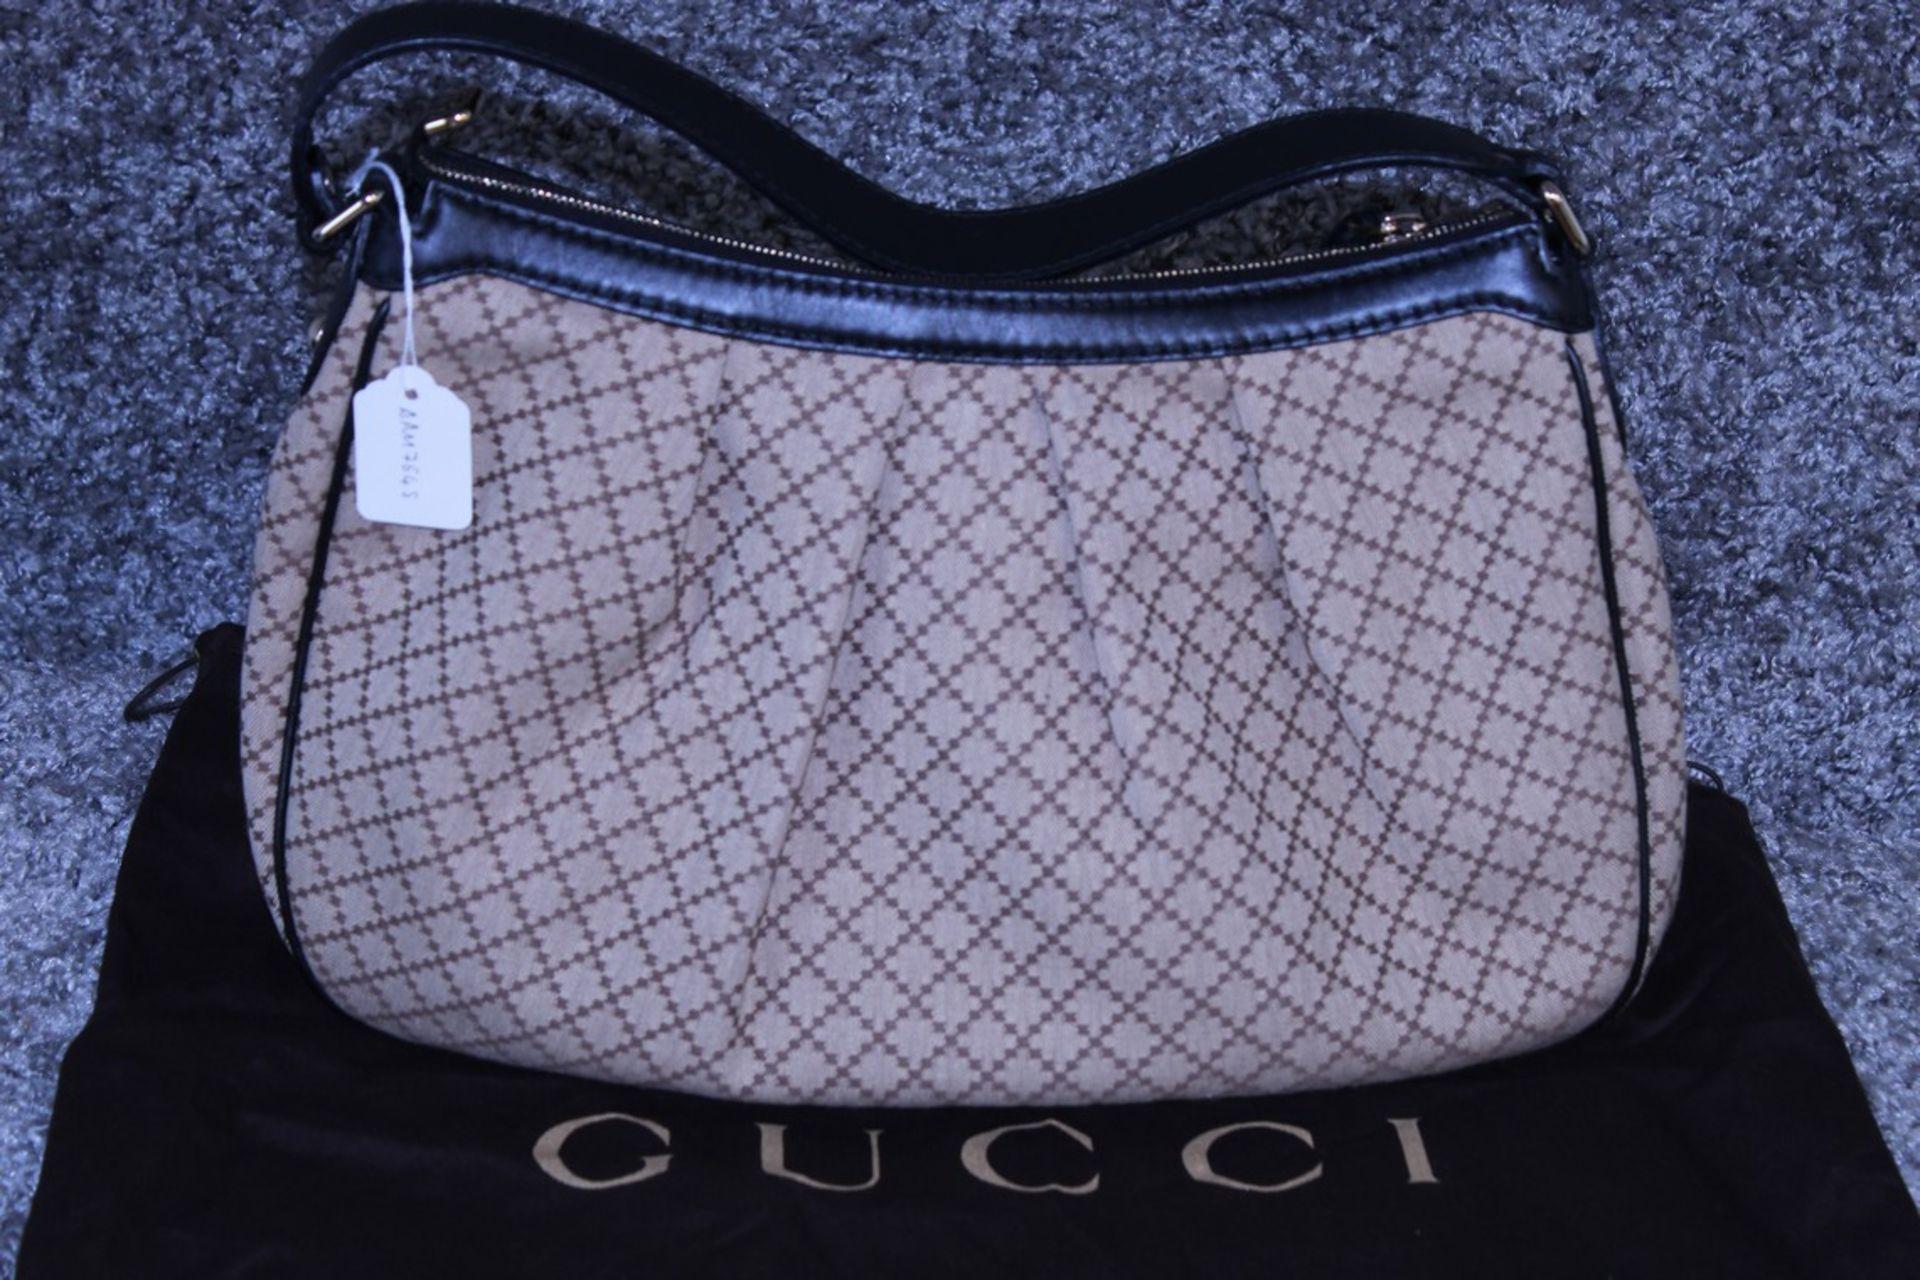 RRP £1,500 Gucci Sukey Medium Shoulder Bag, Beige/Black Diamante Canvas, 37.5X26X10Cm (Production